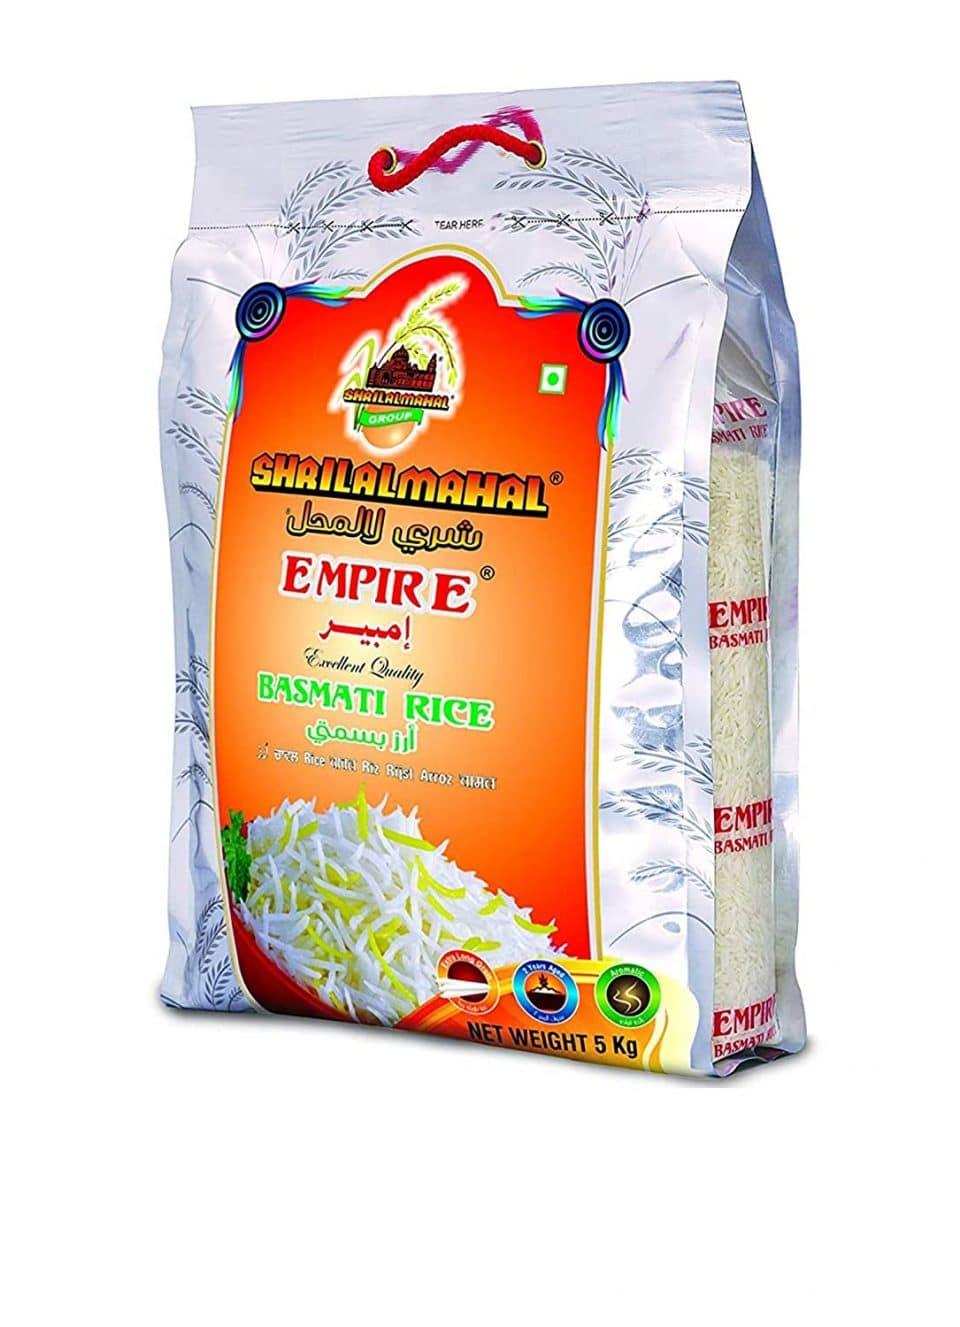 Shrilalmahal Empire Basmati Rice